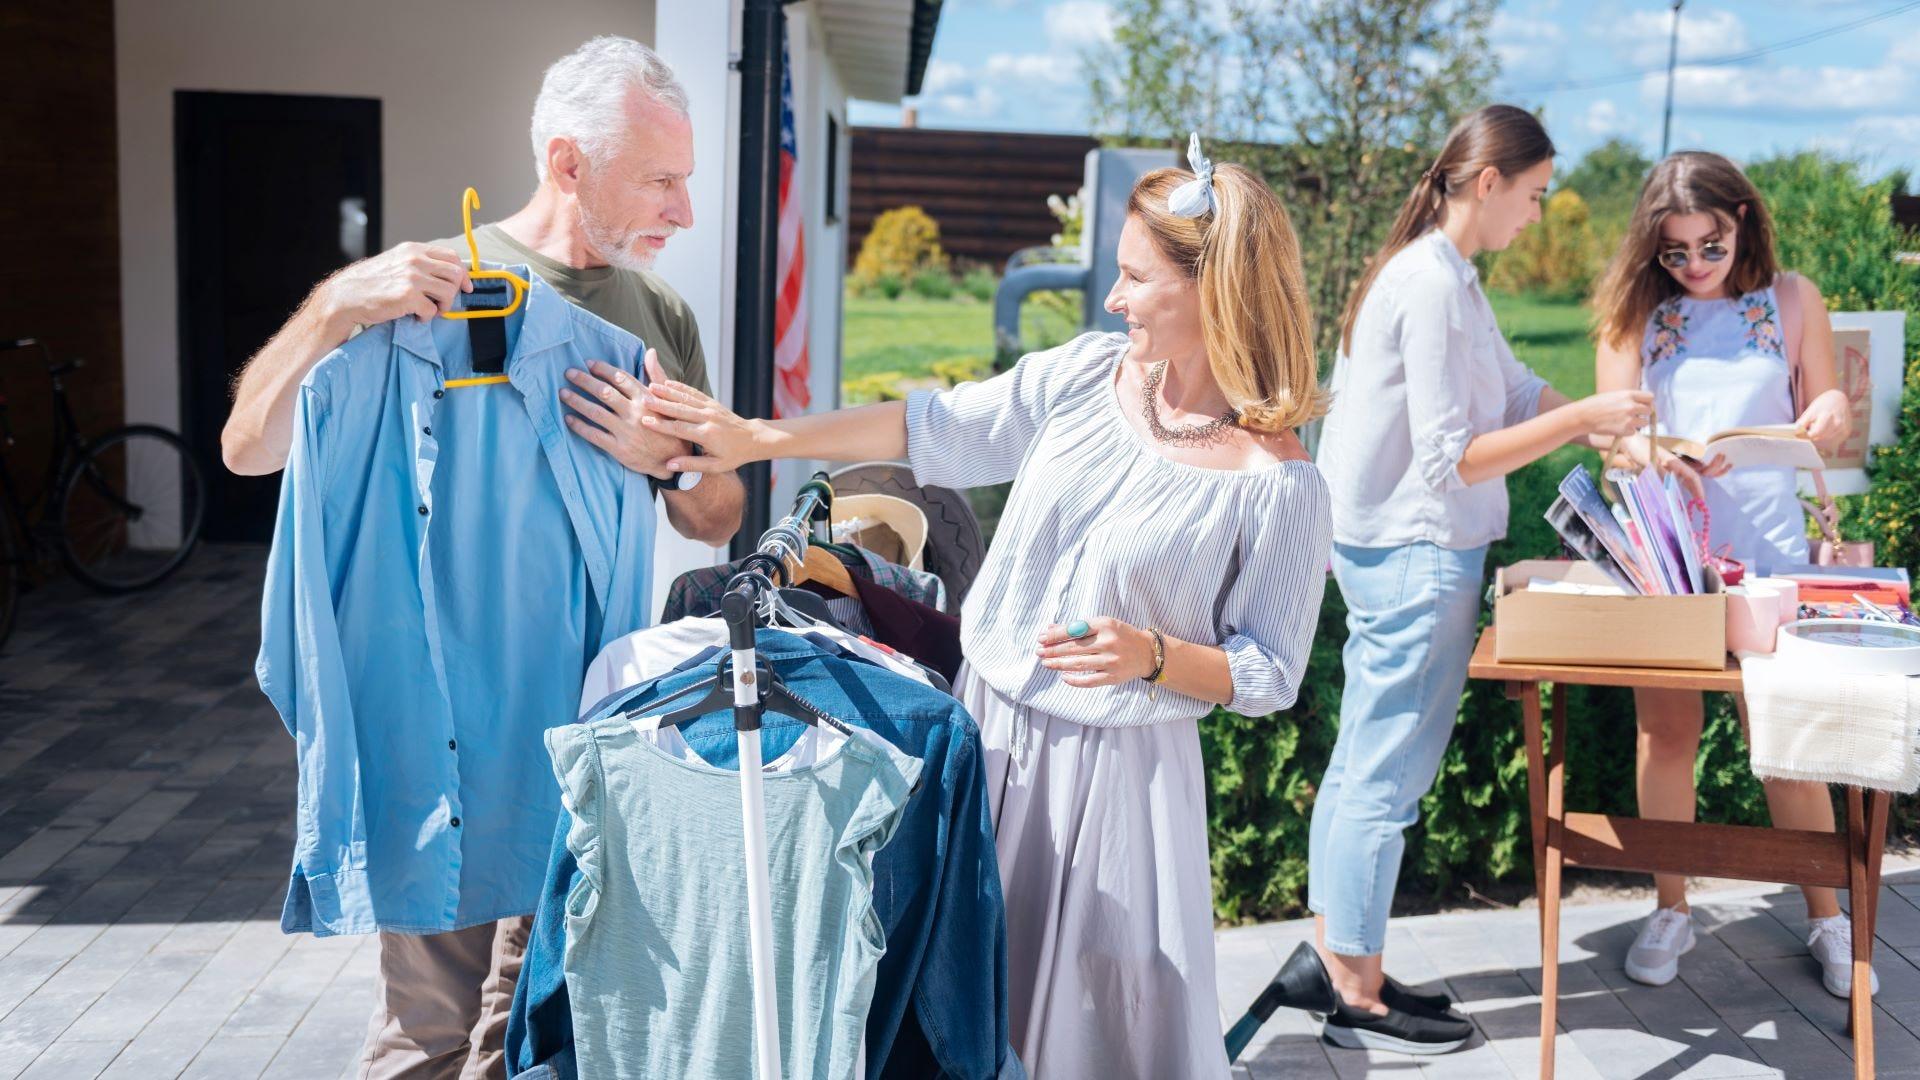 A man and woman looking at a shirt at a yard sale.